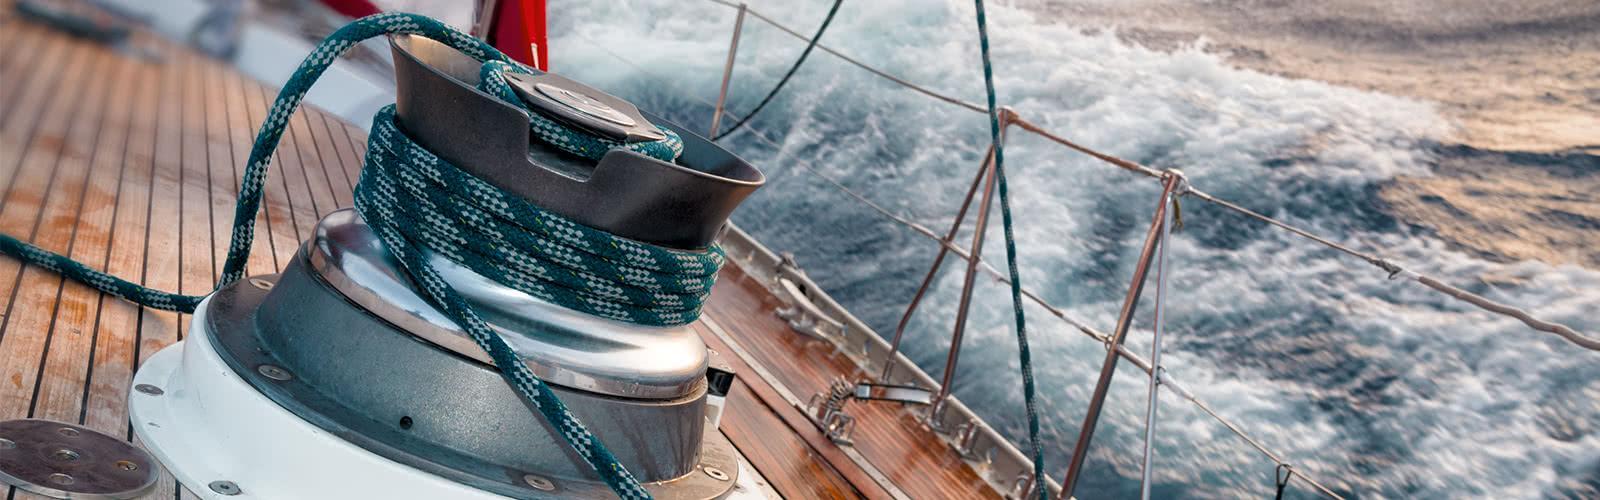 So finden Sie das richtige Yacht-Tauwerk